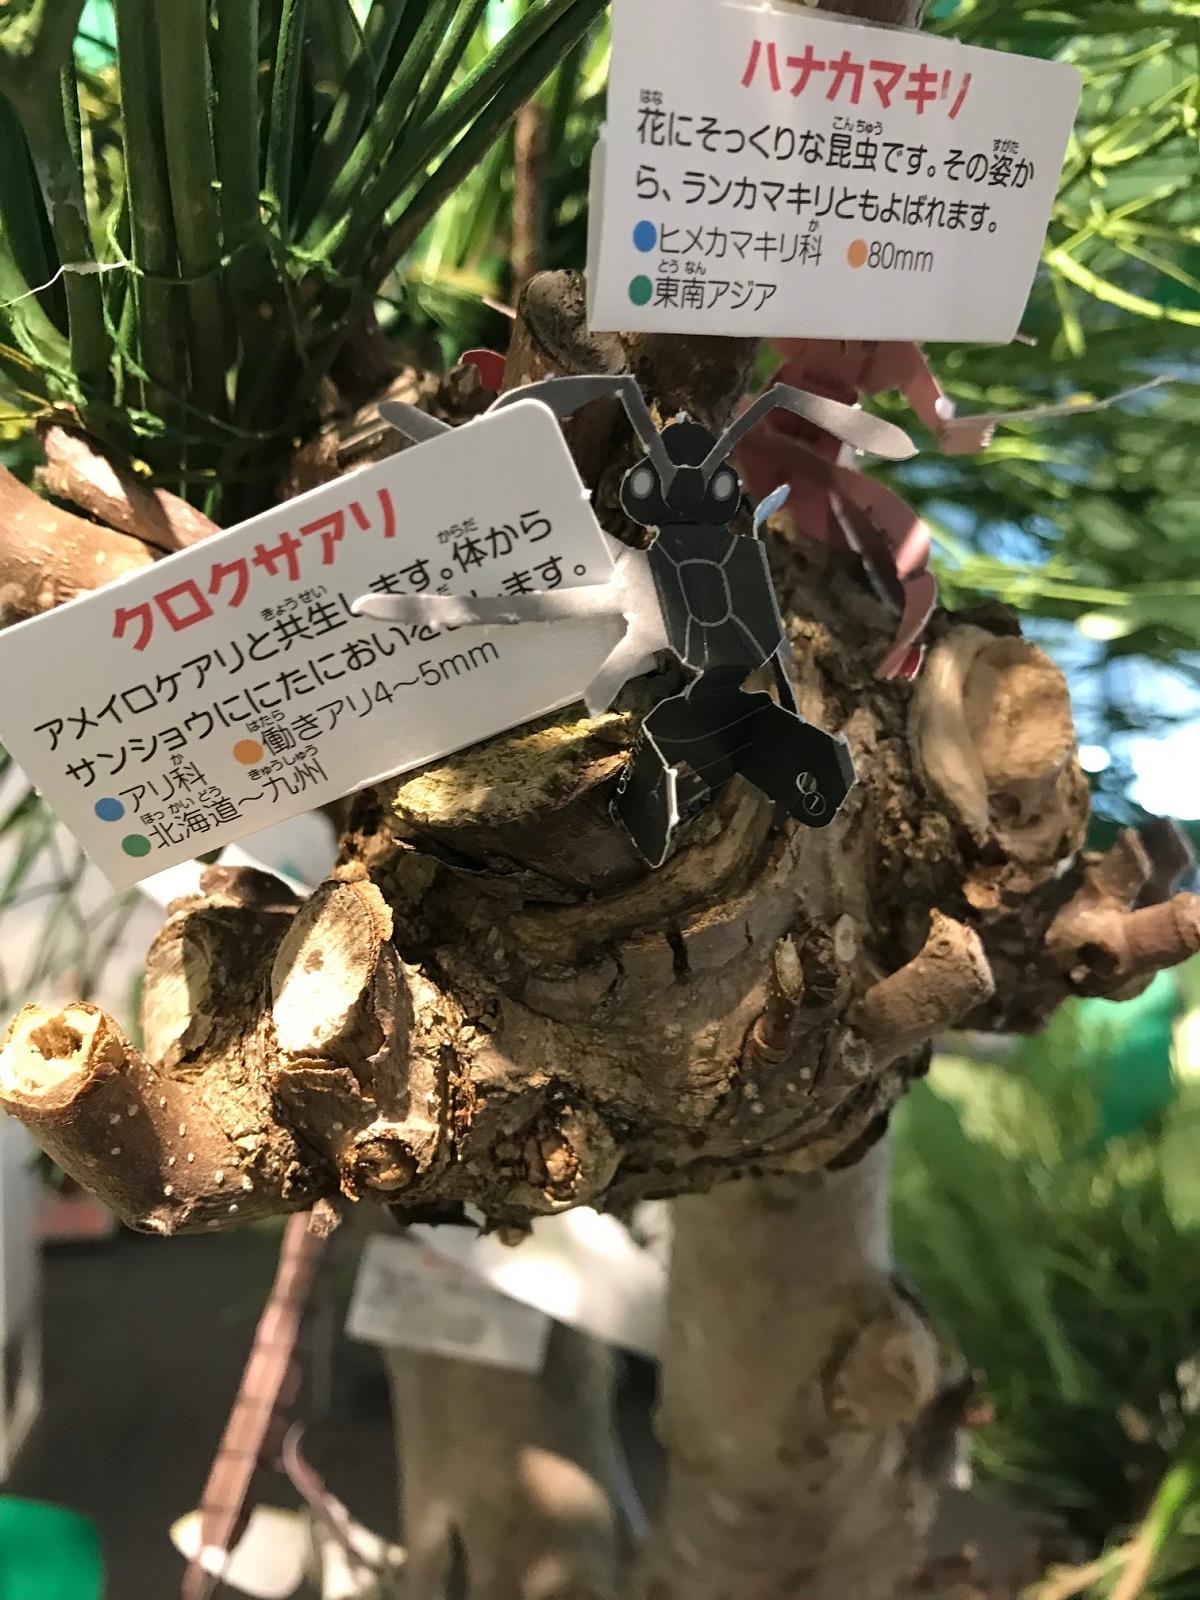 http://blog.iwate-eco.jp/2018/07/22/IMG_2415.jpg